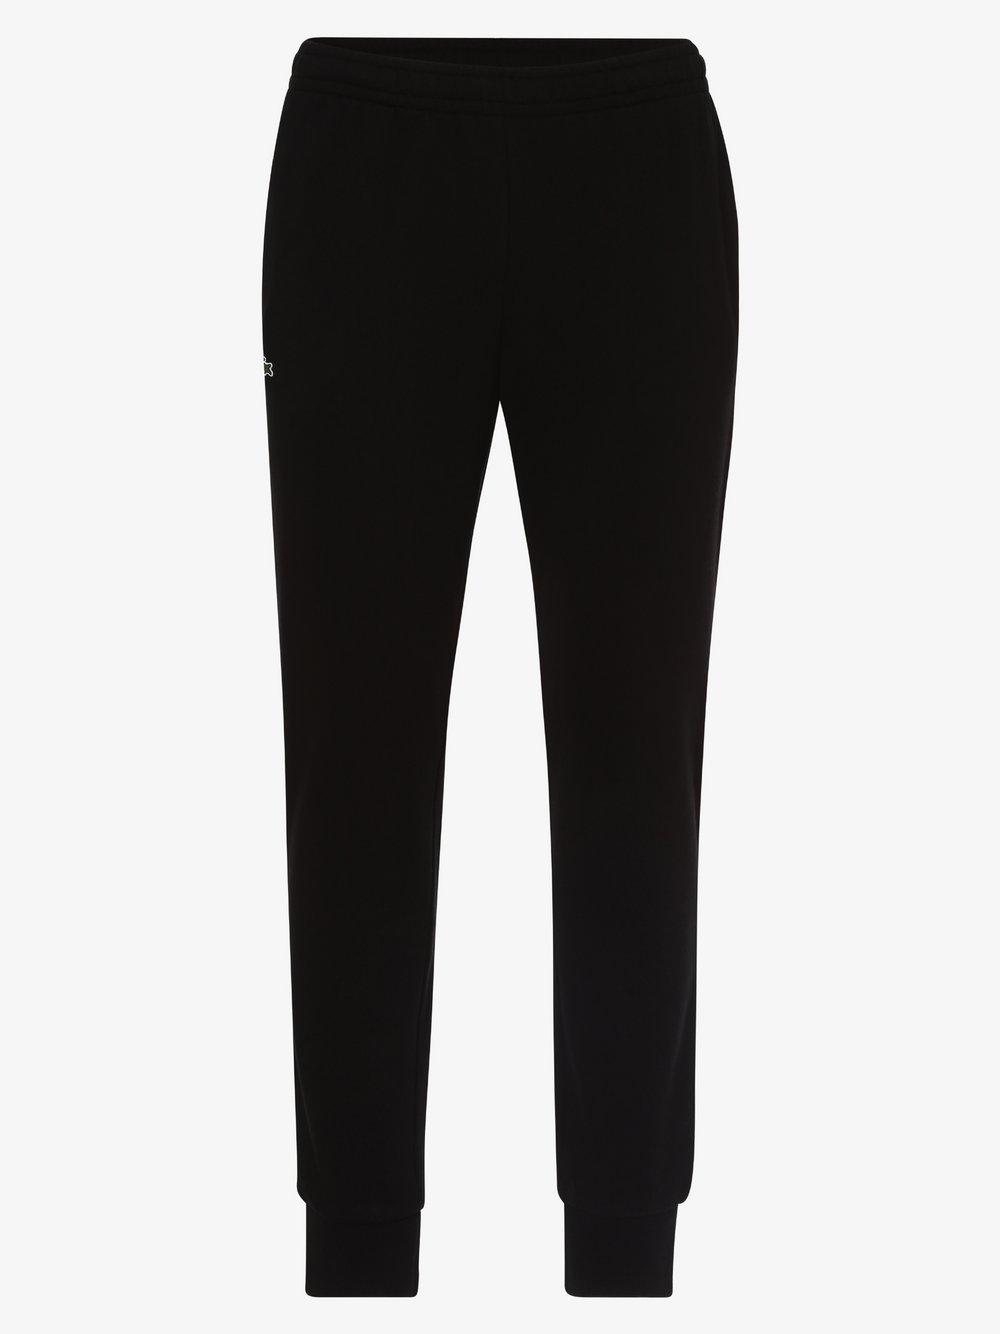 Lacoste - Spodnie dresowe męskie, czarny